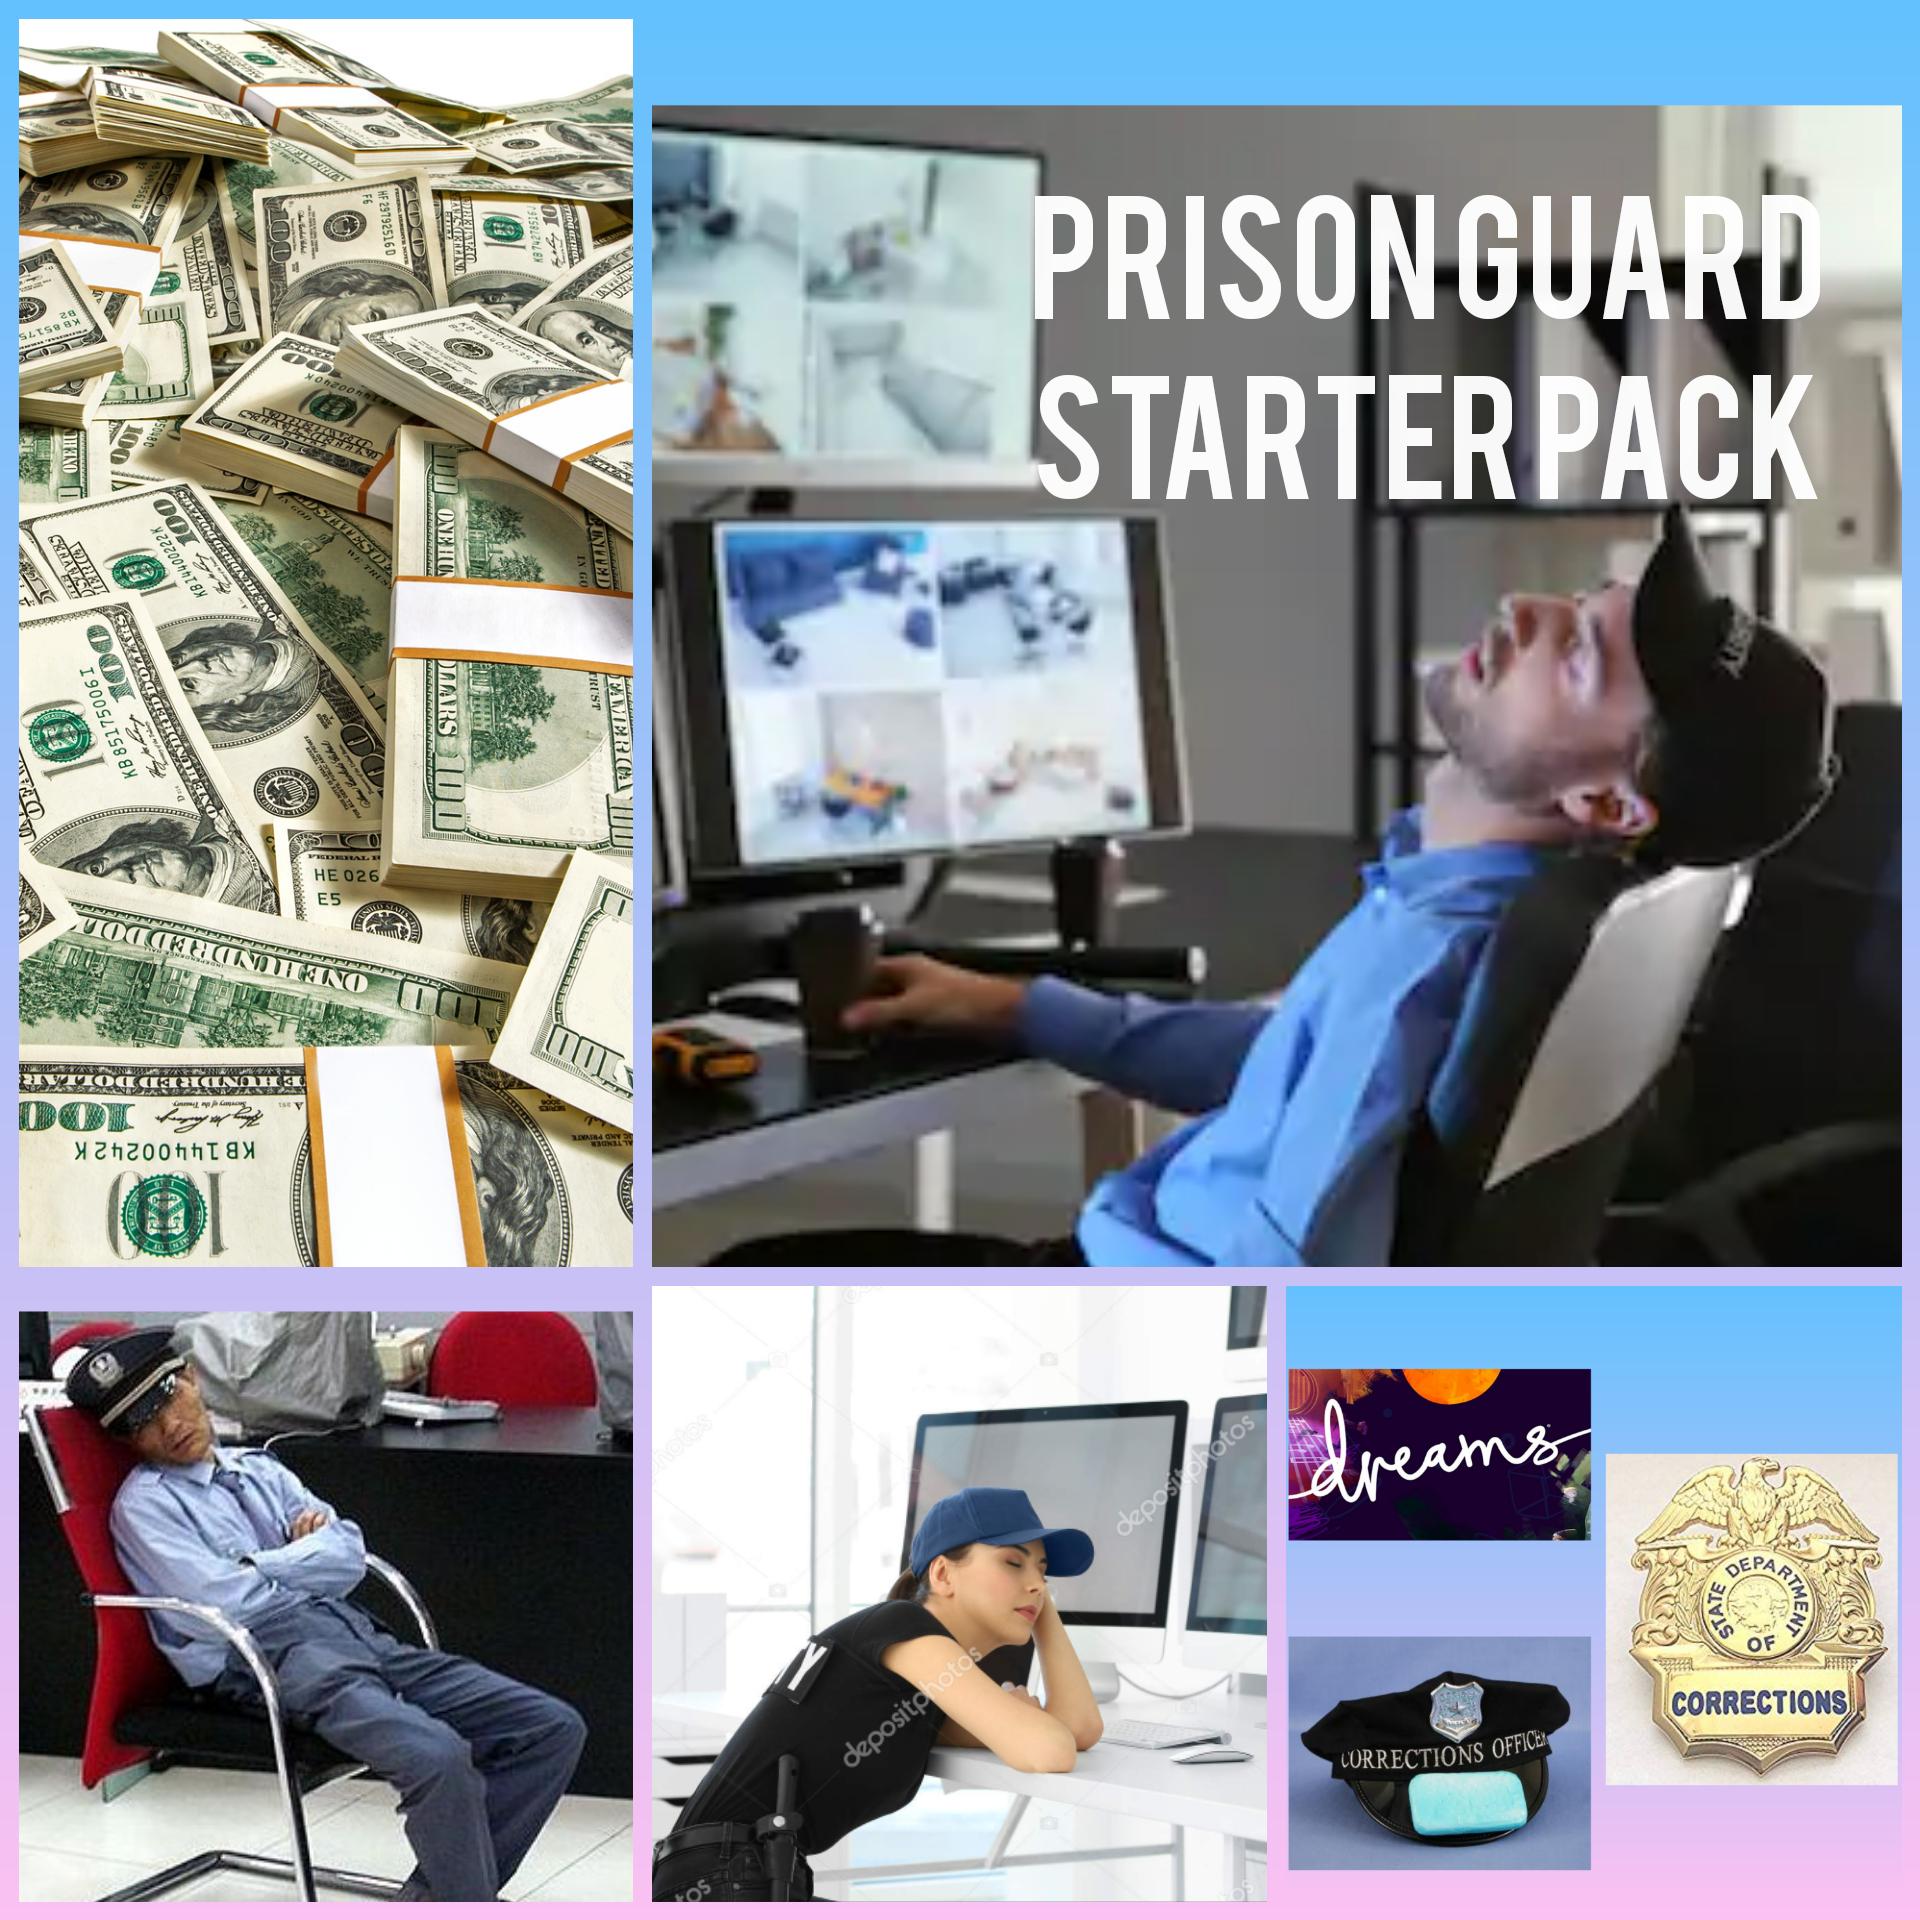 Epstein Prison Guard Starter Pack R Starterpacks Starter Packs